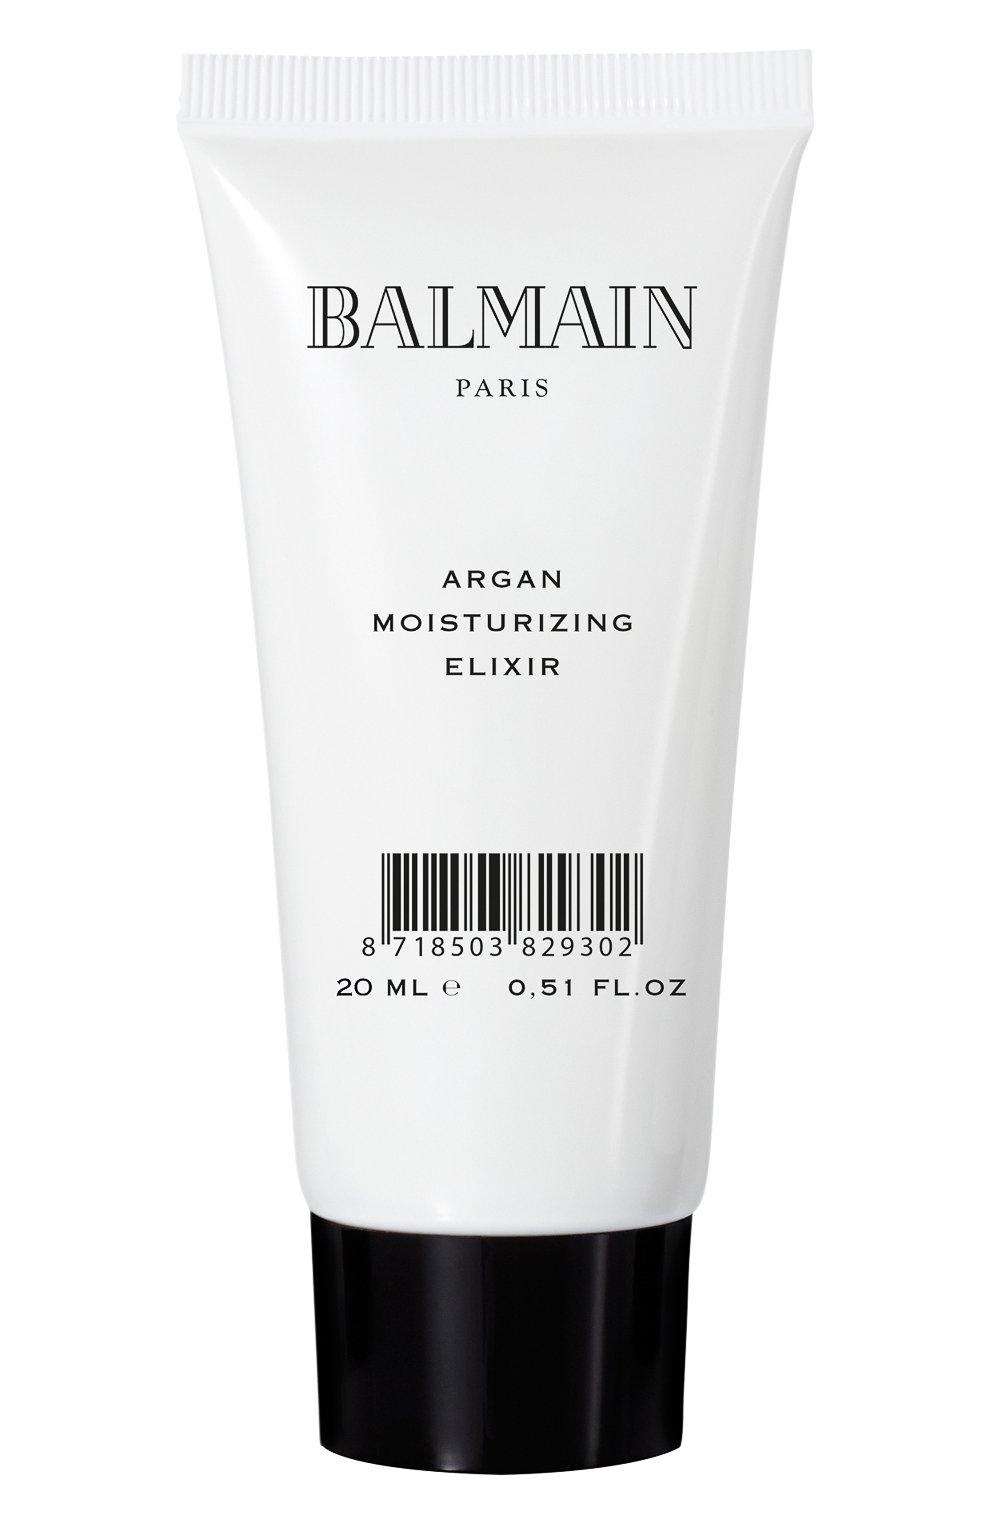 Увлажняющий эликсир с аргановым маслом дорожный вариант (20ml) BALMAIN HAIR COUTURE бесцветного цвета, арт. 8718503829302 | Фото 1 (Статус проверки: Проверена категория)